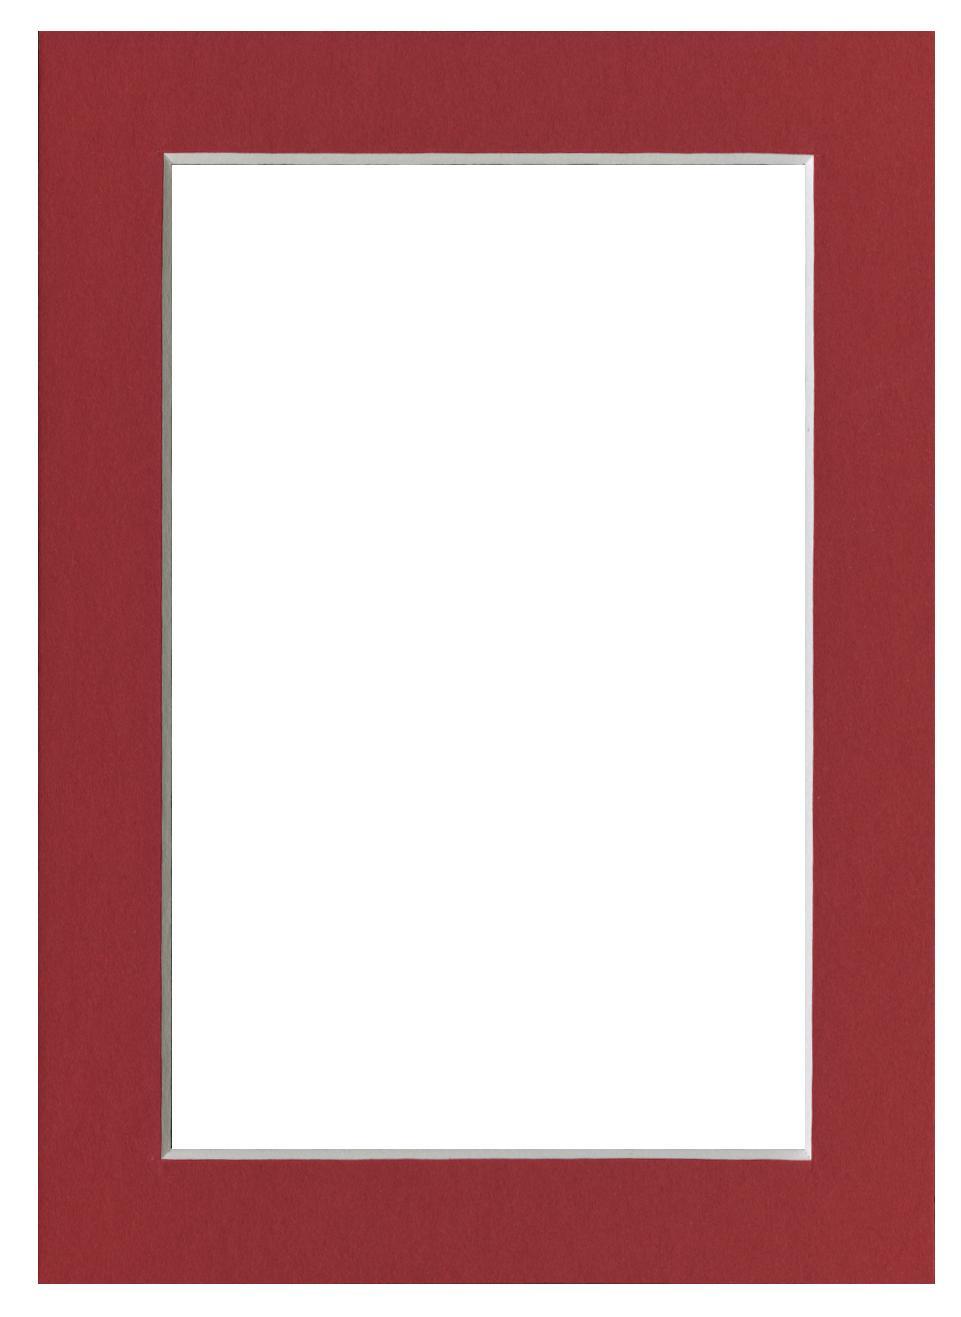 Red Picture Frames 57 Ajfame